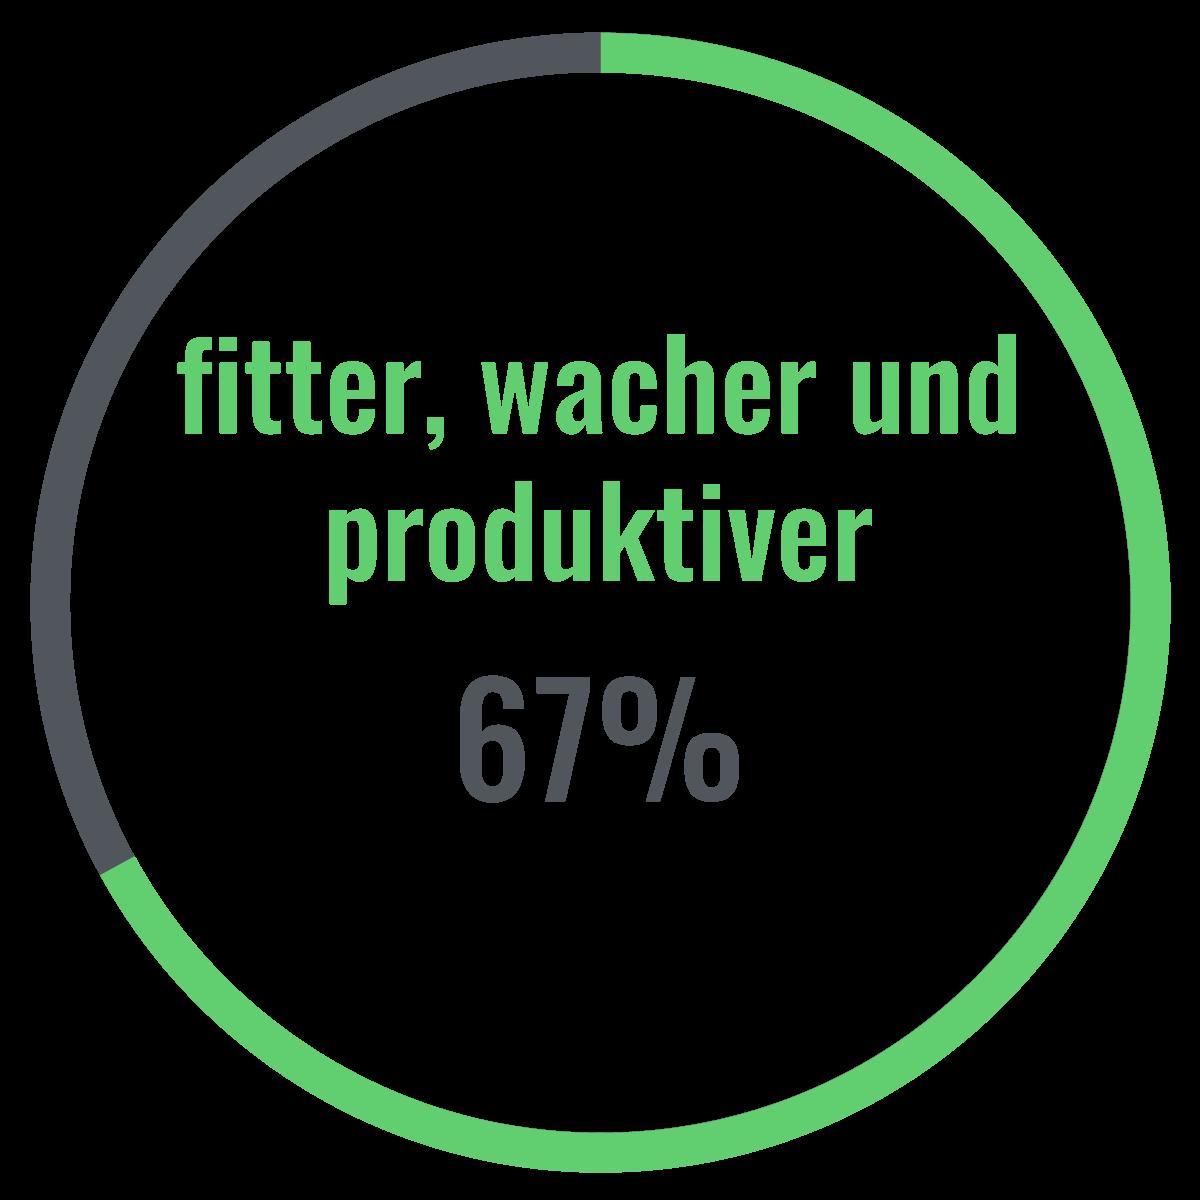 Alkohol-Pause mit Bierfreichallenge: Allgemeinbefinden: fitter, wacher und produktiver durch Alkohol-Pause. Skill Bar, Grafik.